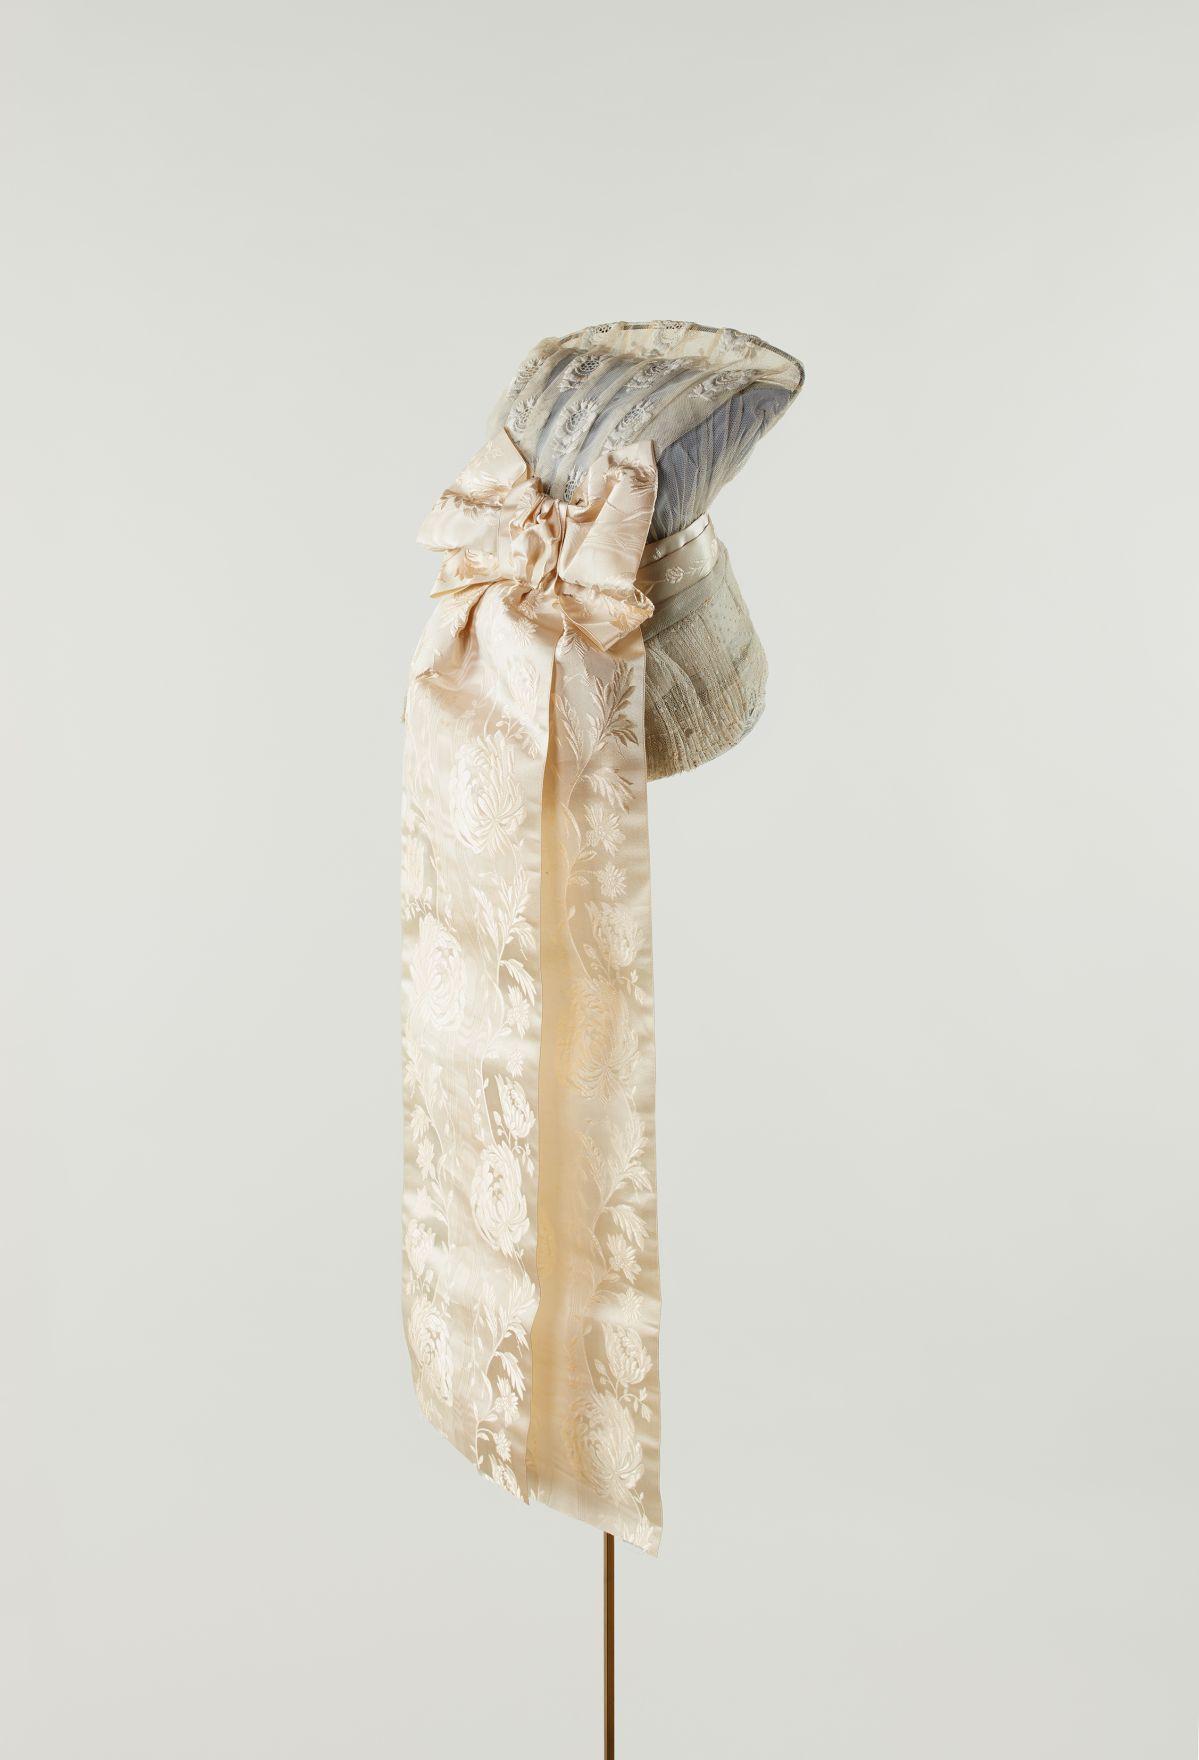 Coiffe. Toile de lin, coton, satin. XIXe siècle. France, Poitou-Charentes. Mucem © Mucem / Marianne Kuhn